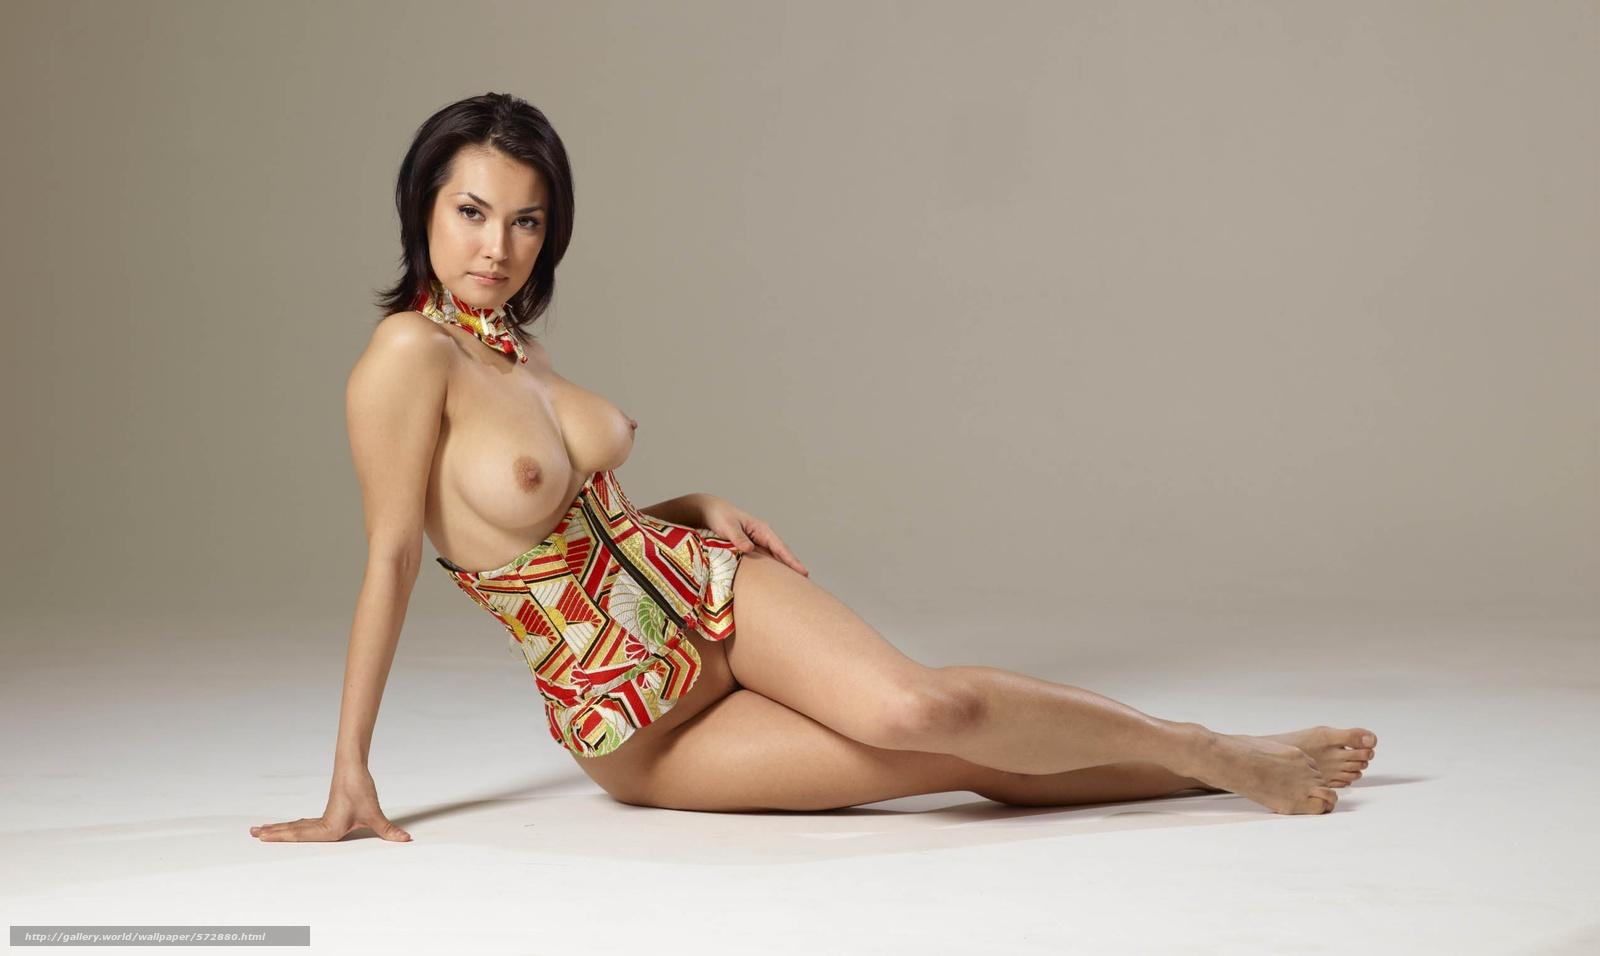 Фото азиатских порномоделей 17 фотография